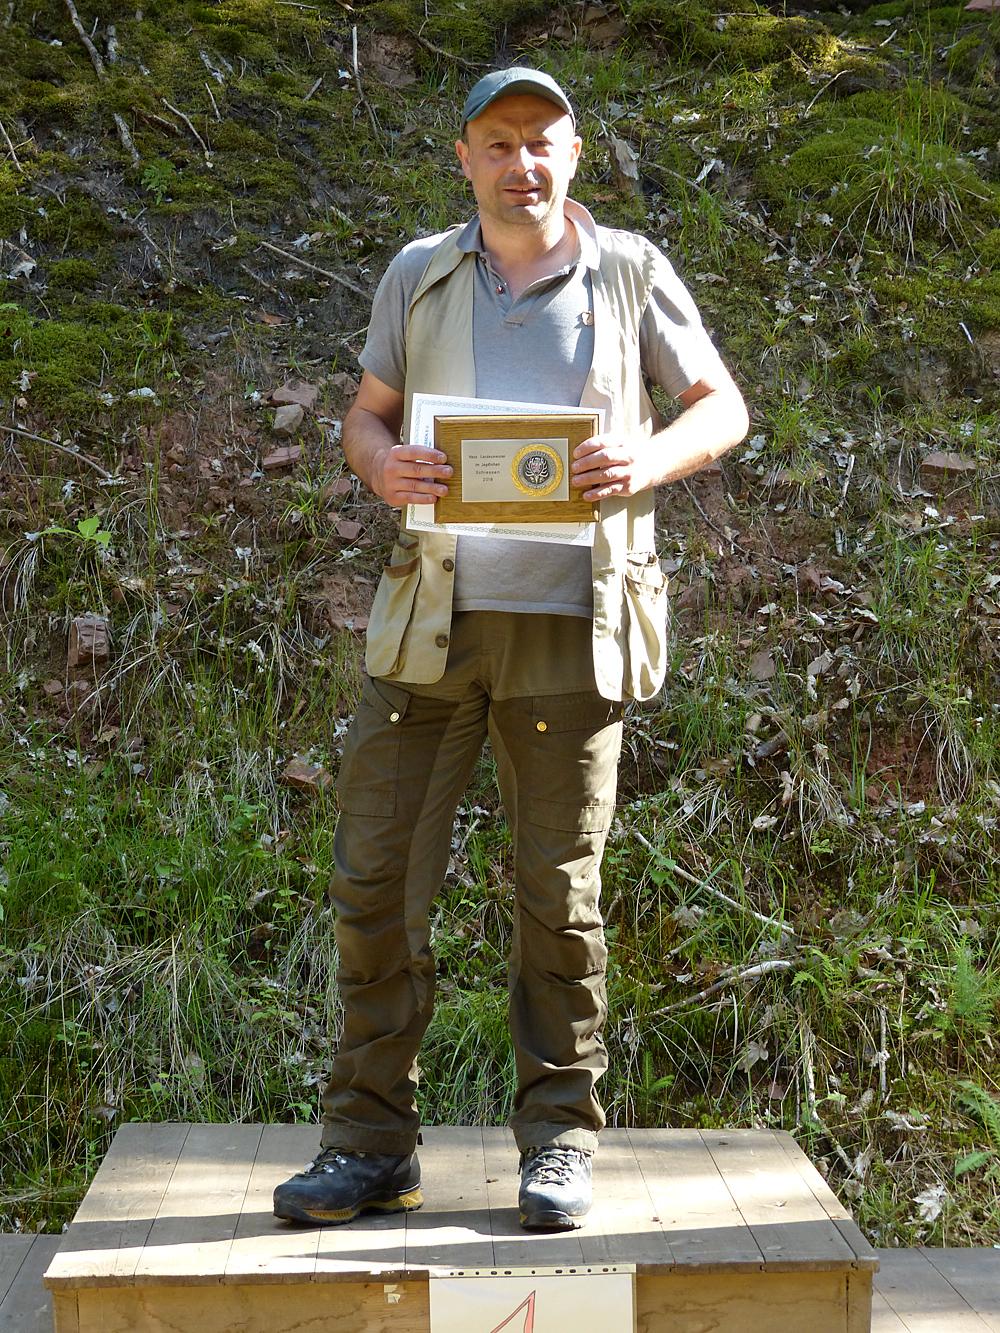 Christian Janka ist hessischer Landesmeister im jagdlichen Schießen